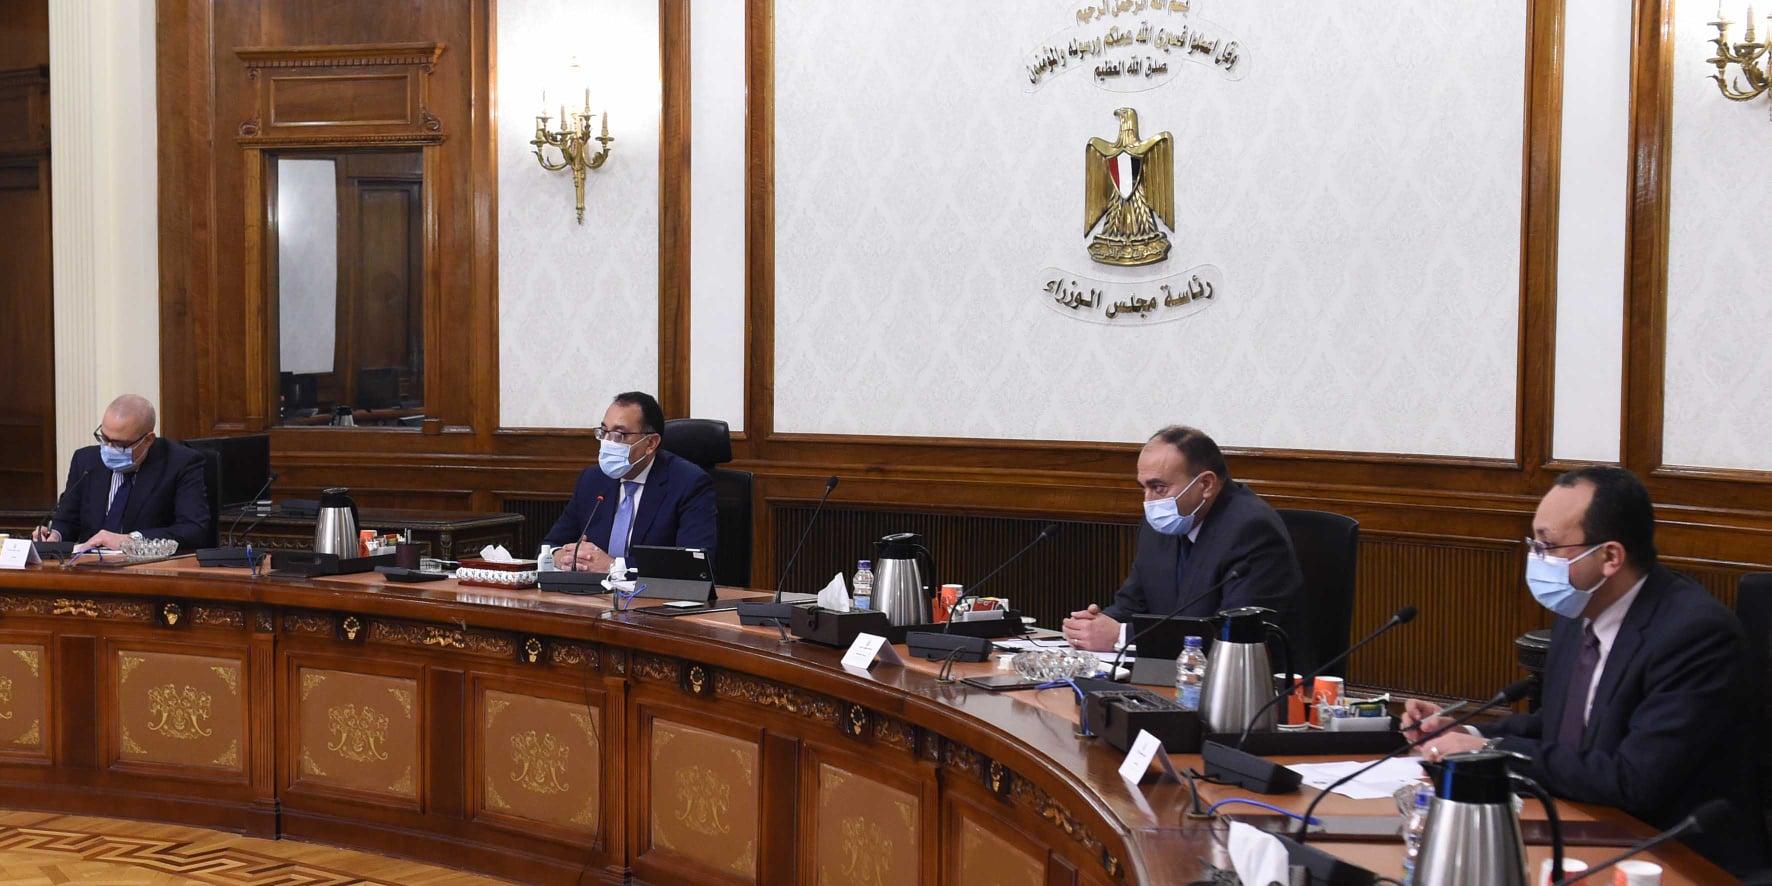 """صور   رئيس الوزراء يُتابع توفير التمويل المطلوب لتنفيذ مبادرة الرئيس """" سكن كل المصريين"""""""